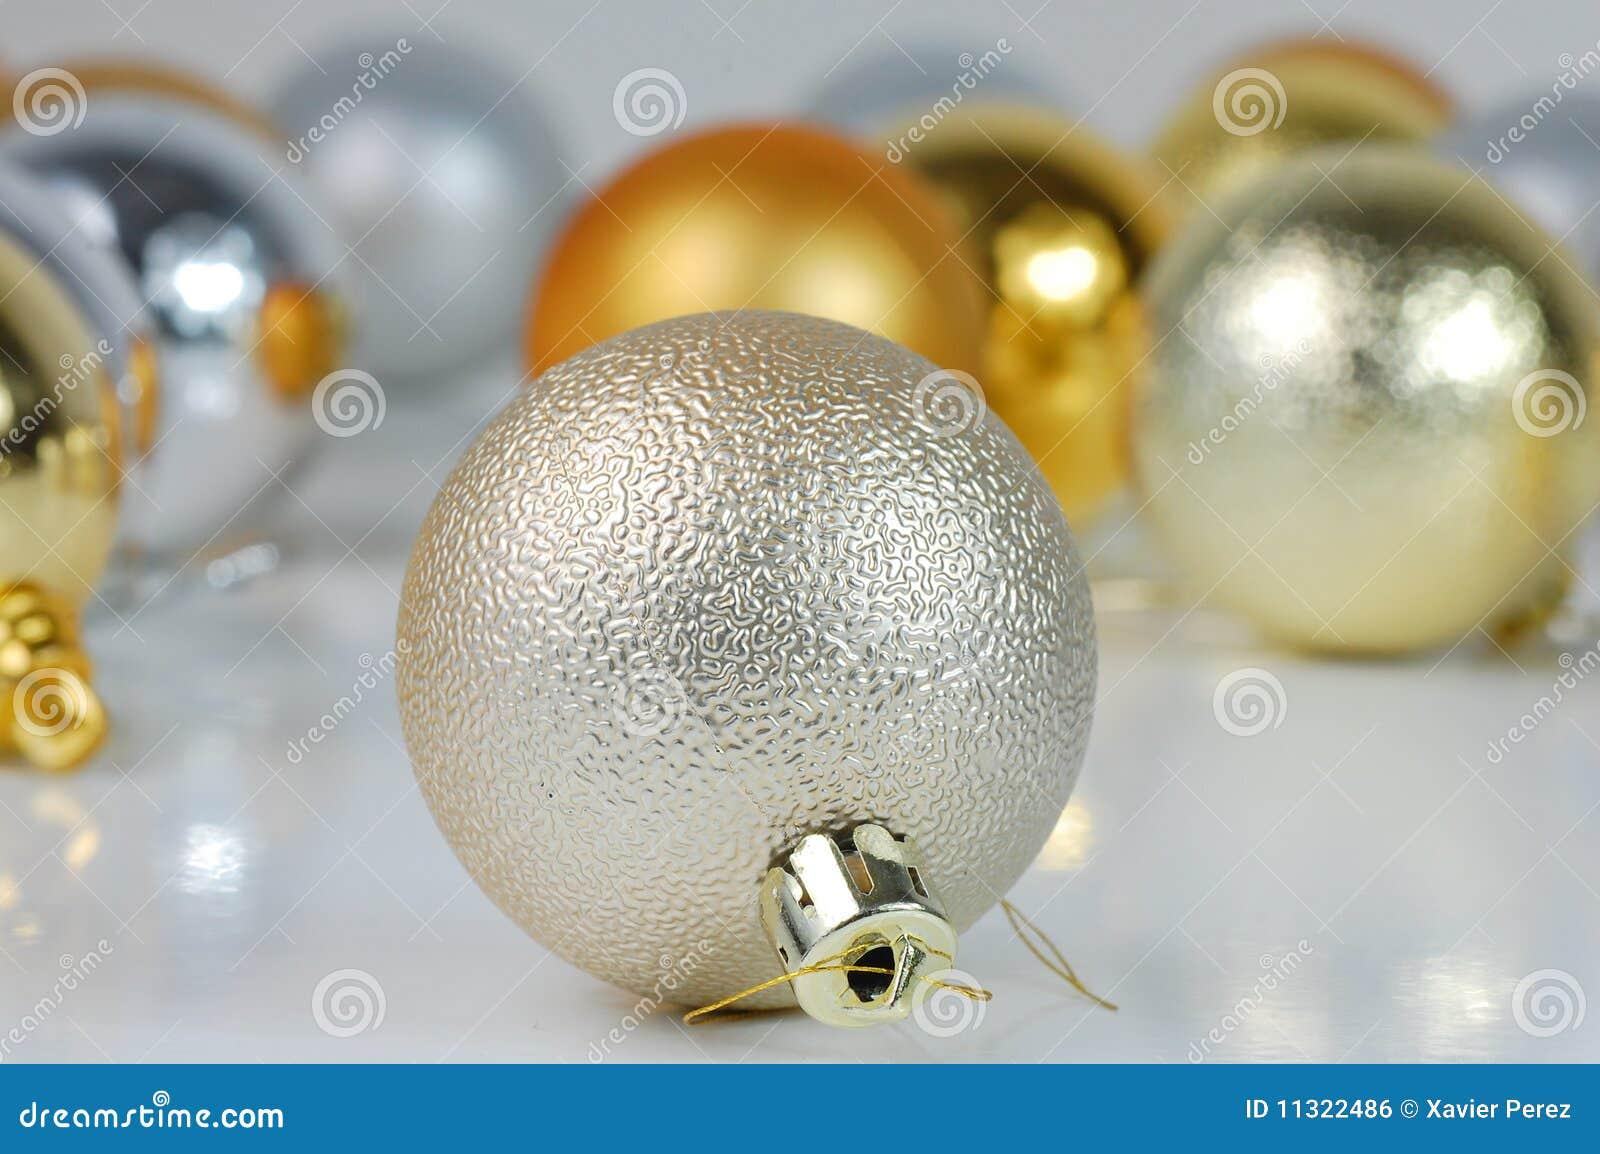 Weihnachtsgelbe und silberne Kugeln